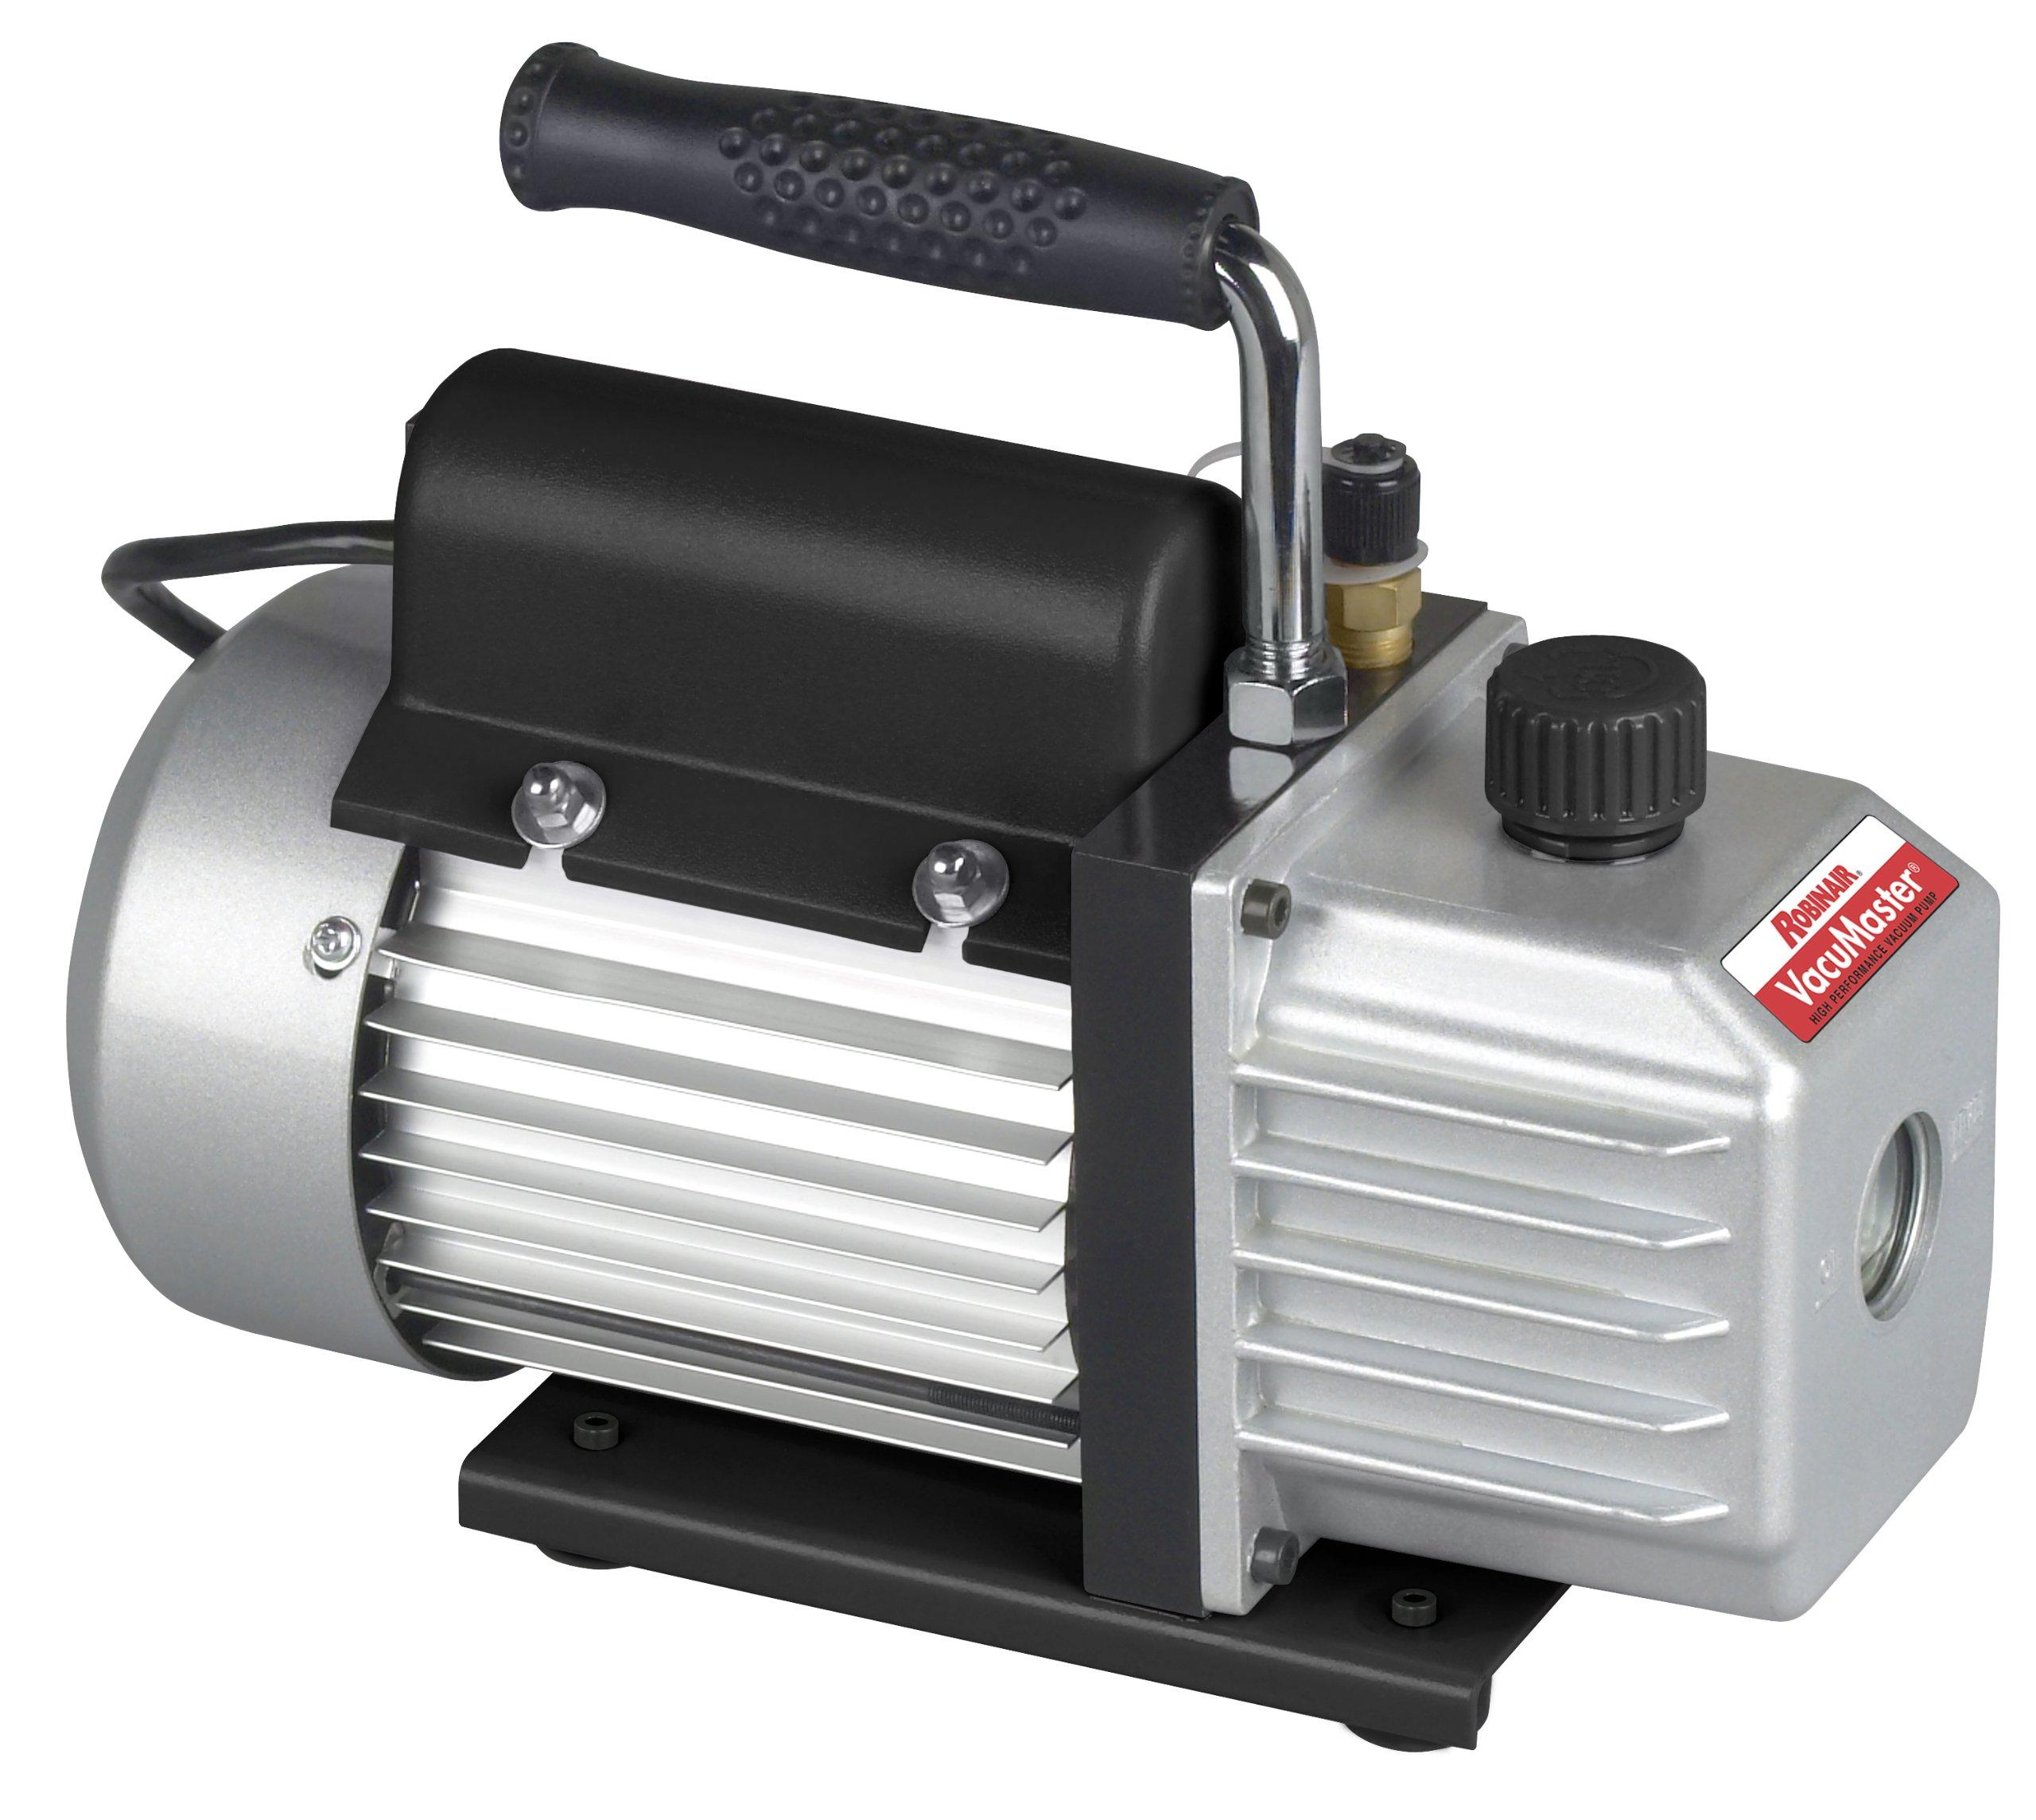 Robinair (15115 VacuMaster Single Stage Vacuum Pump - Single-Stage, 1.5 CFM